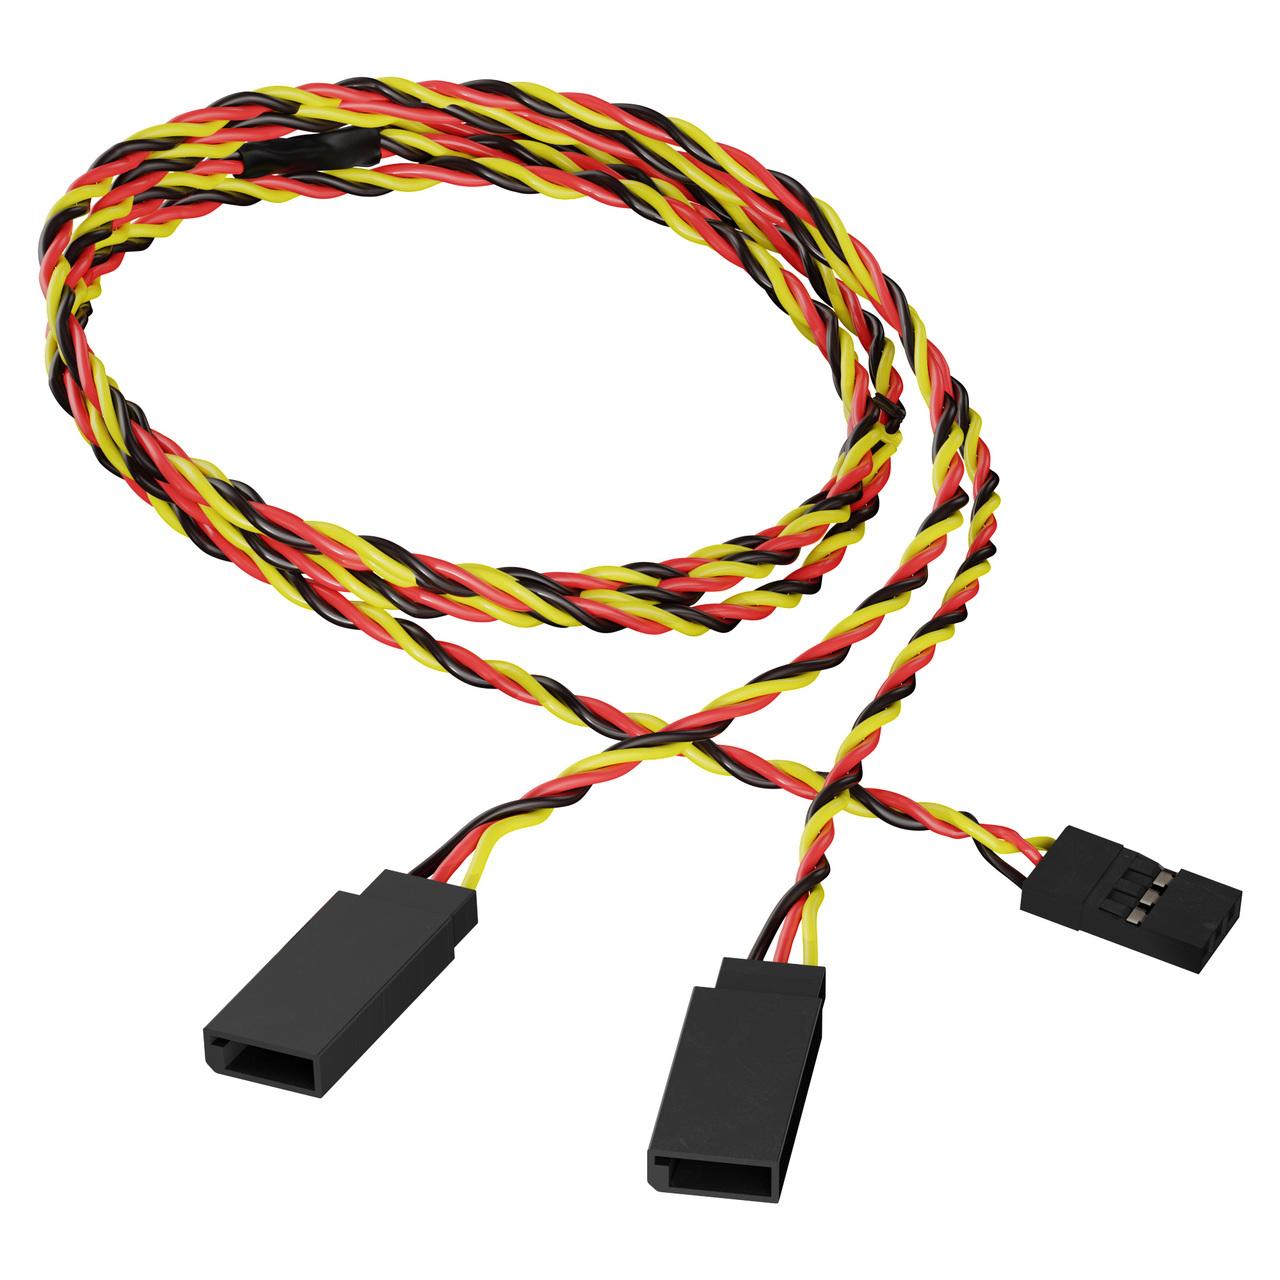 3805-1718-0600 - 3-Pos TJC8 Servo Y-Harness (Single MH-FC to Dual FH-MC, 600mm Length)